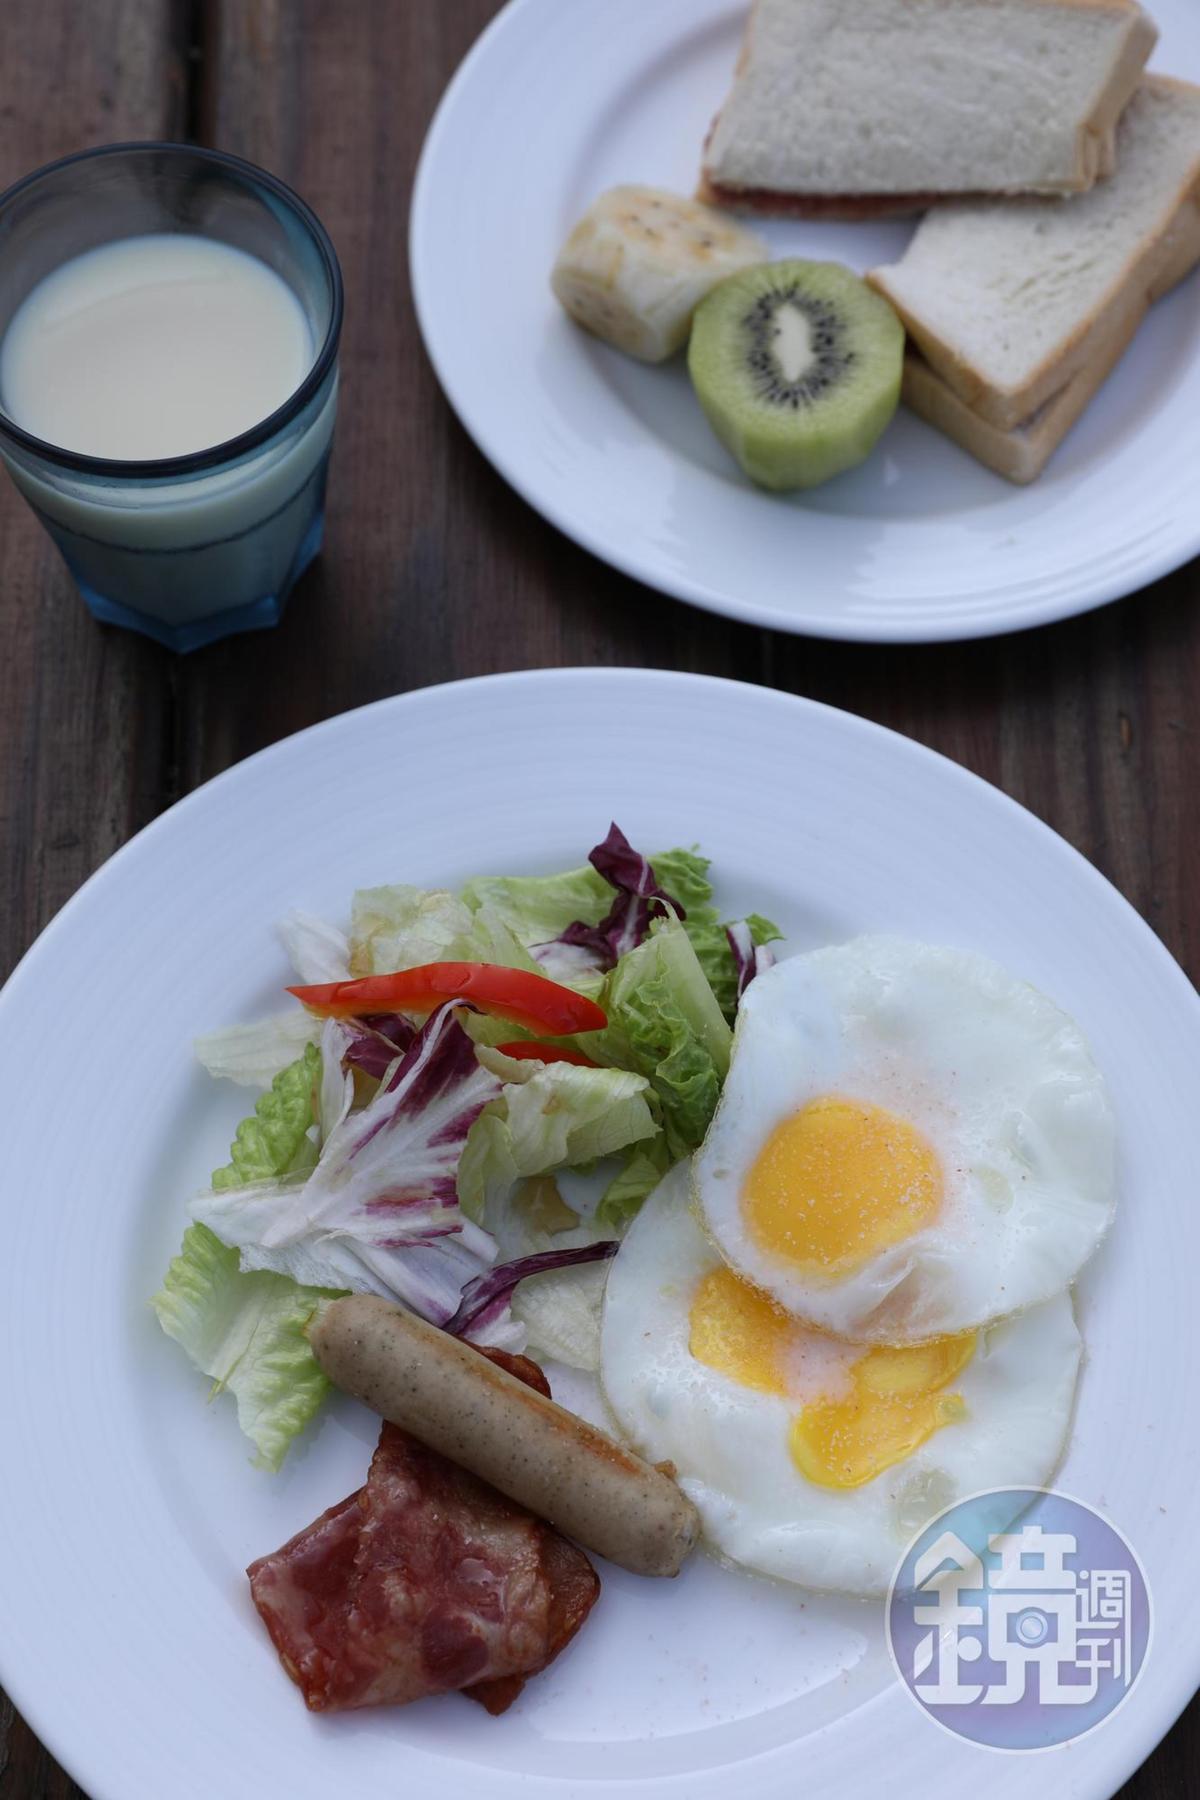 西式的早餐以吐司夾自製草莓醬,配上沙拉及煎蛋,提供一天活力的來源。